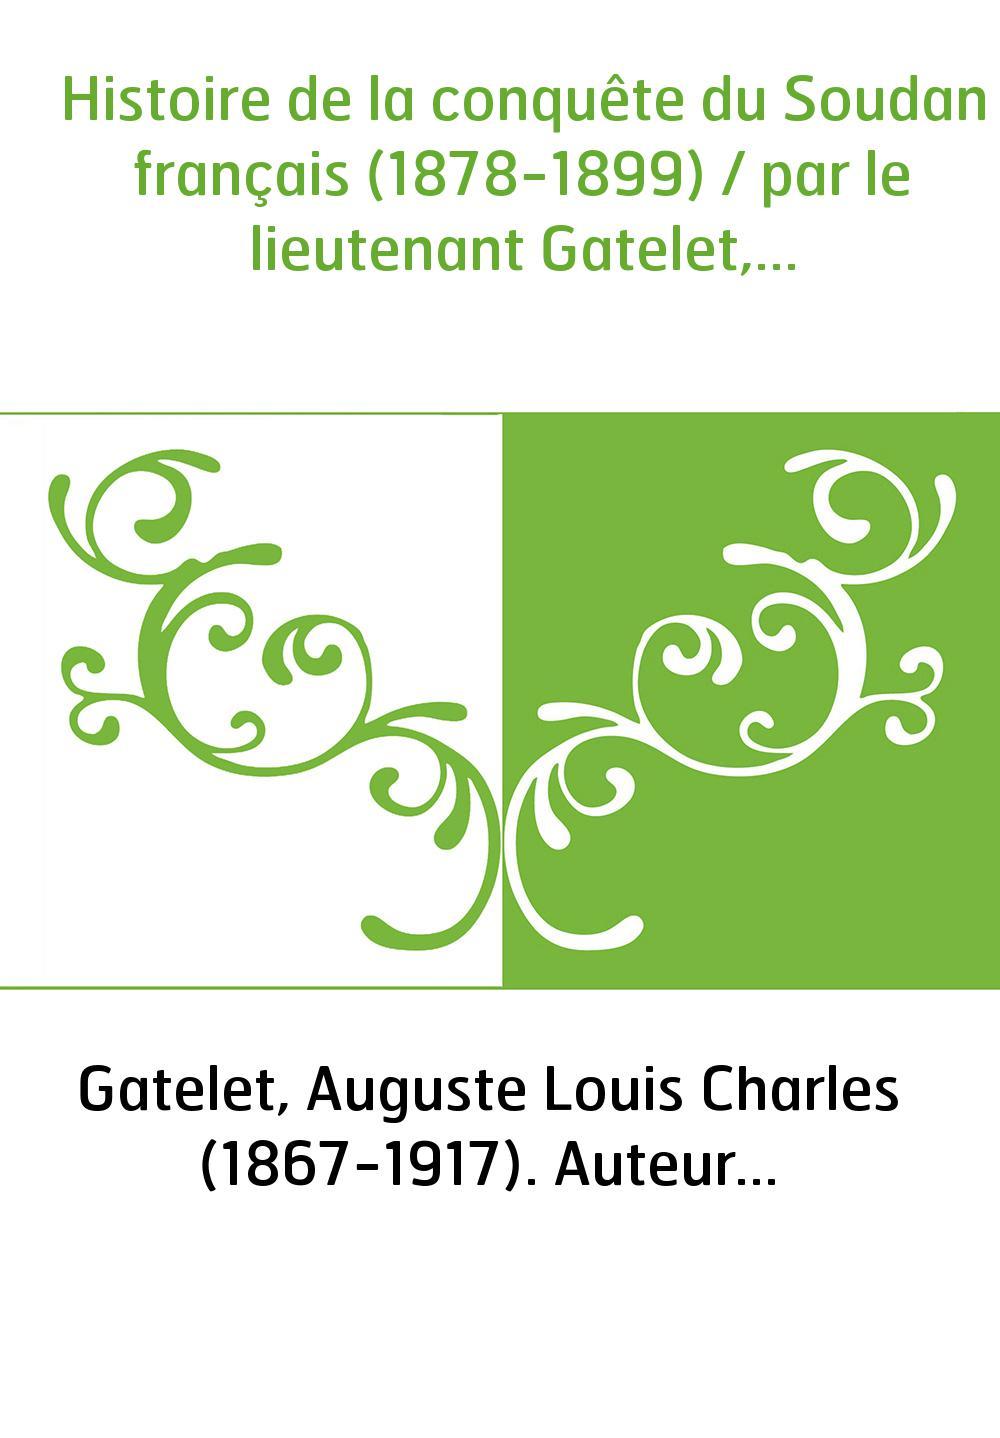 Histoire de la conquête du Soudan français (1878-1899) / par le lieutenant Gatelet,...